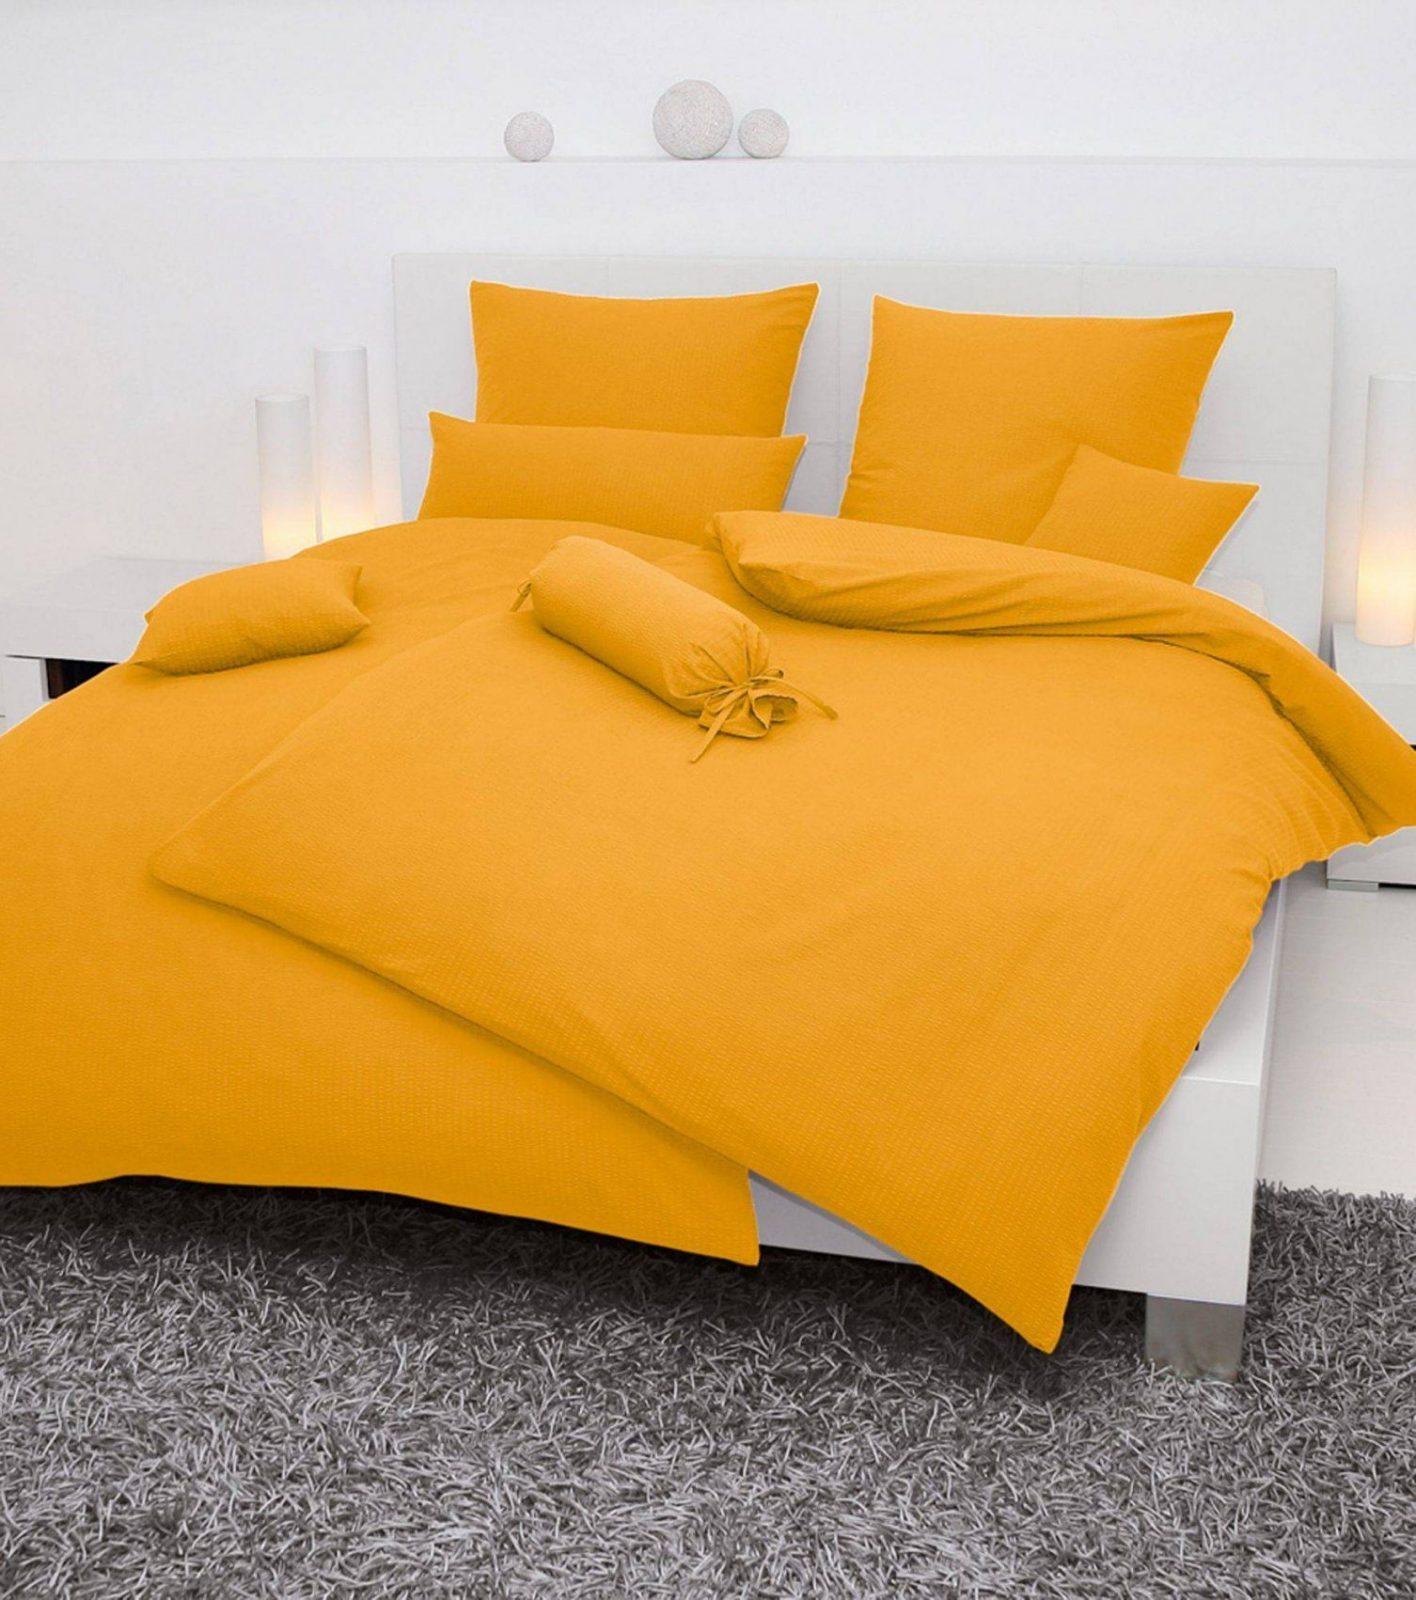 Qvc Bettwäsche Seersucker Gut Bettwäsche Ikea Biber Bettwäsche 155 von Qvc Seersucker Bettwäsche Bild